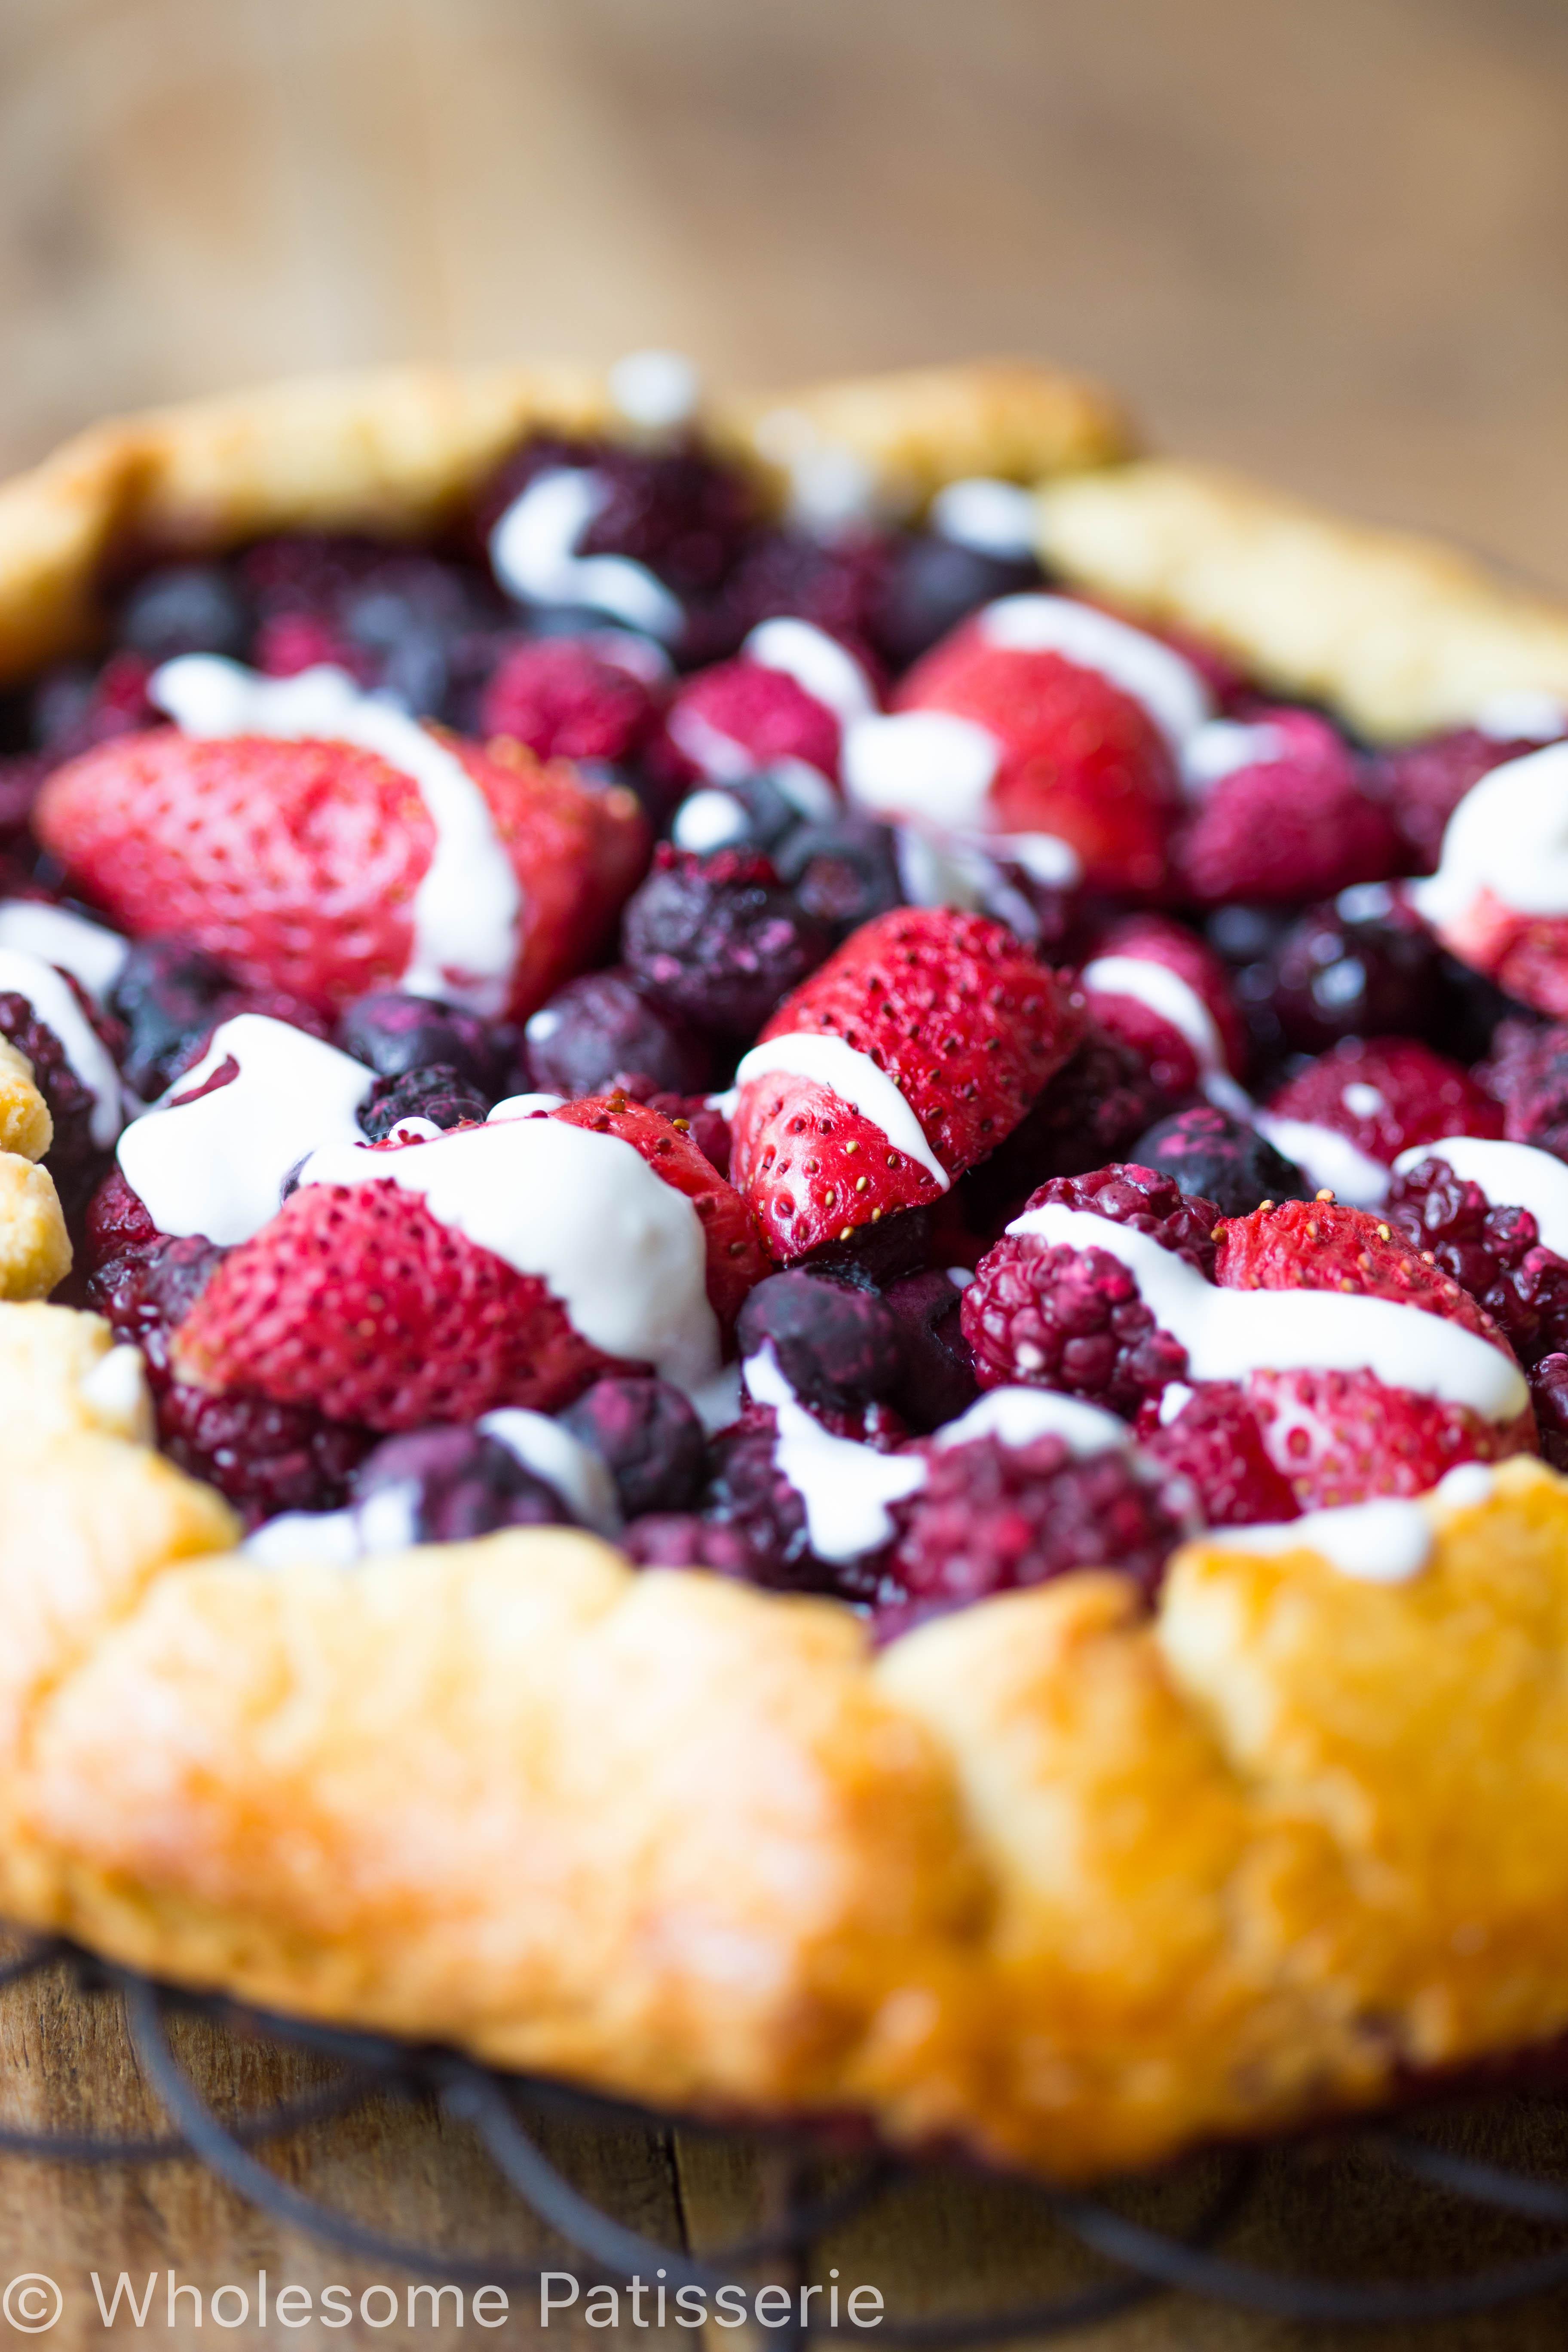 berries-cream-galette-gluten-free-galette-healthy-organic